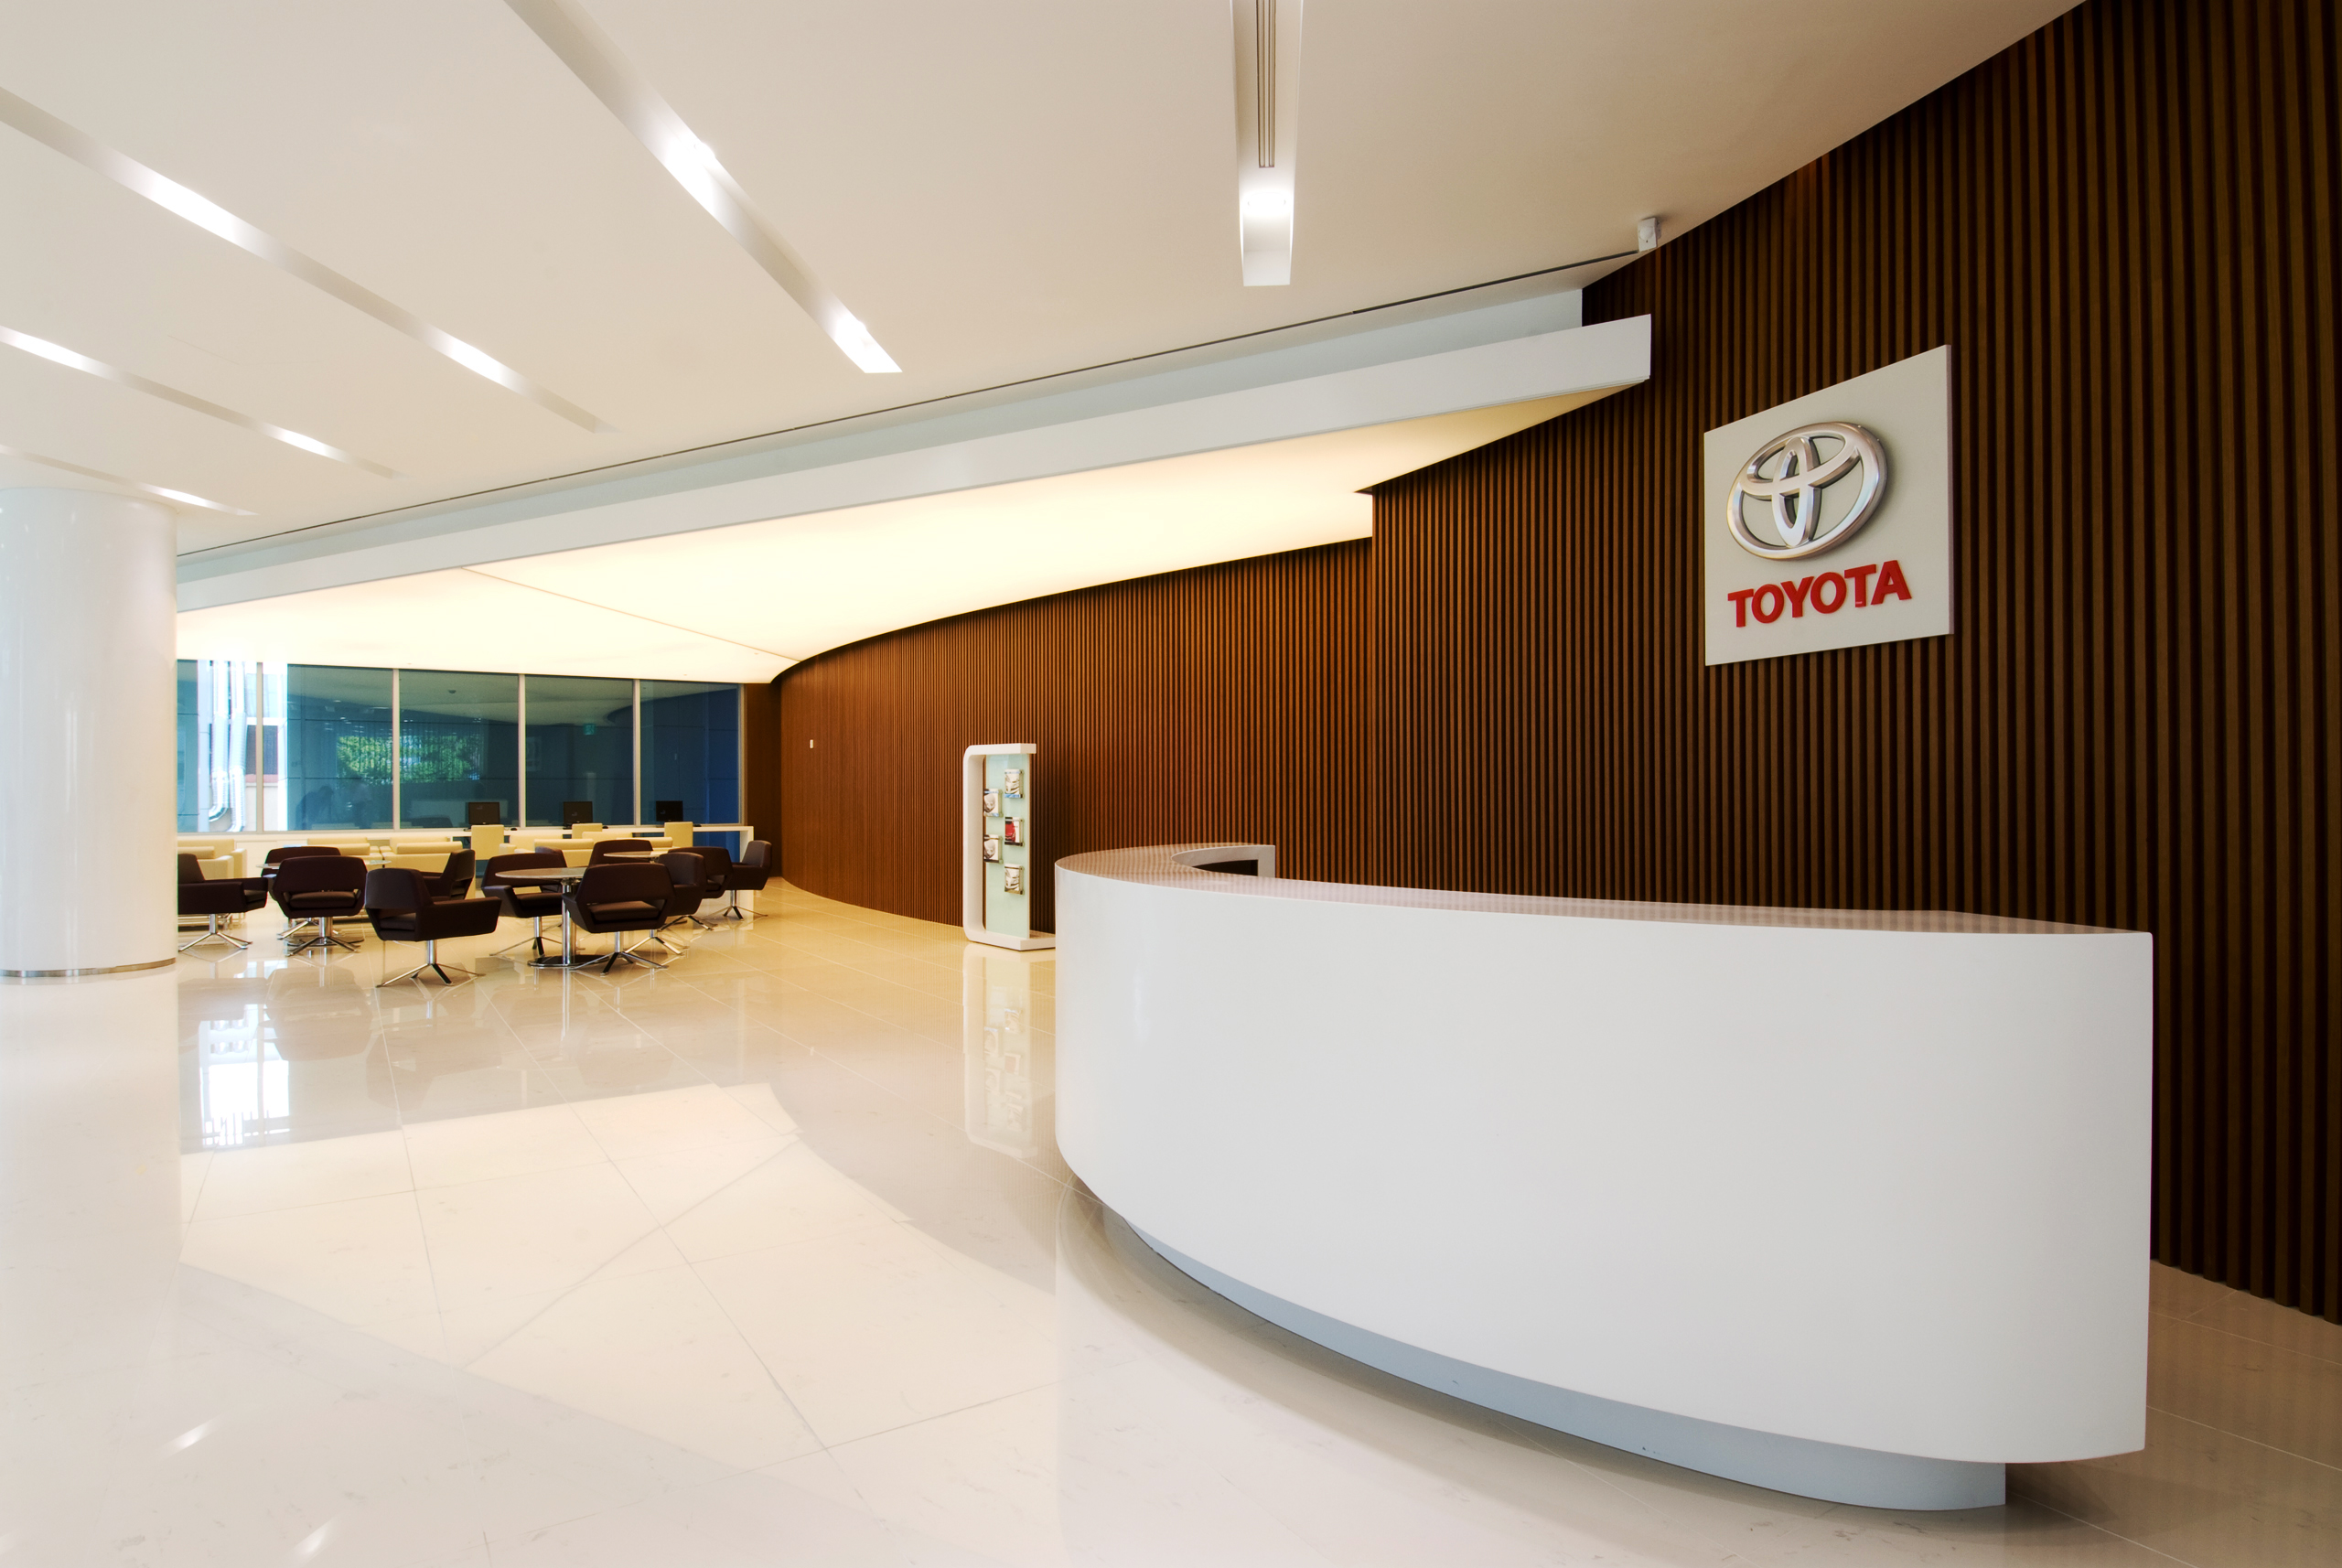 Kelebihan Showroom Toyota Top Model Tahun Ini